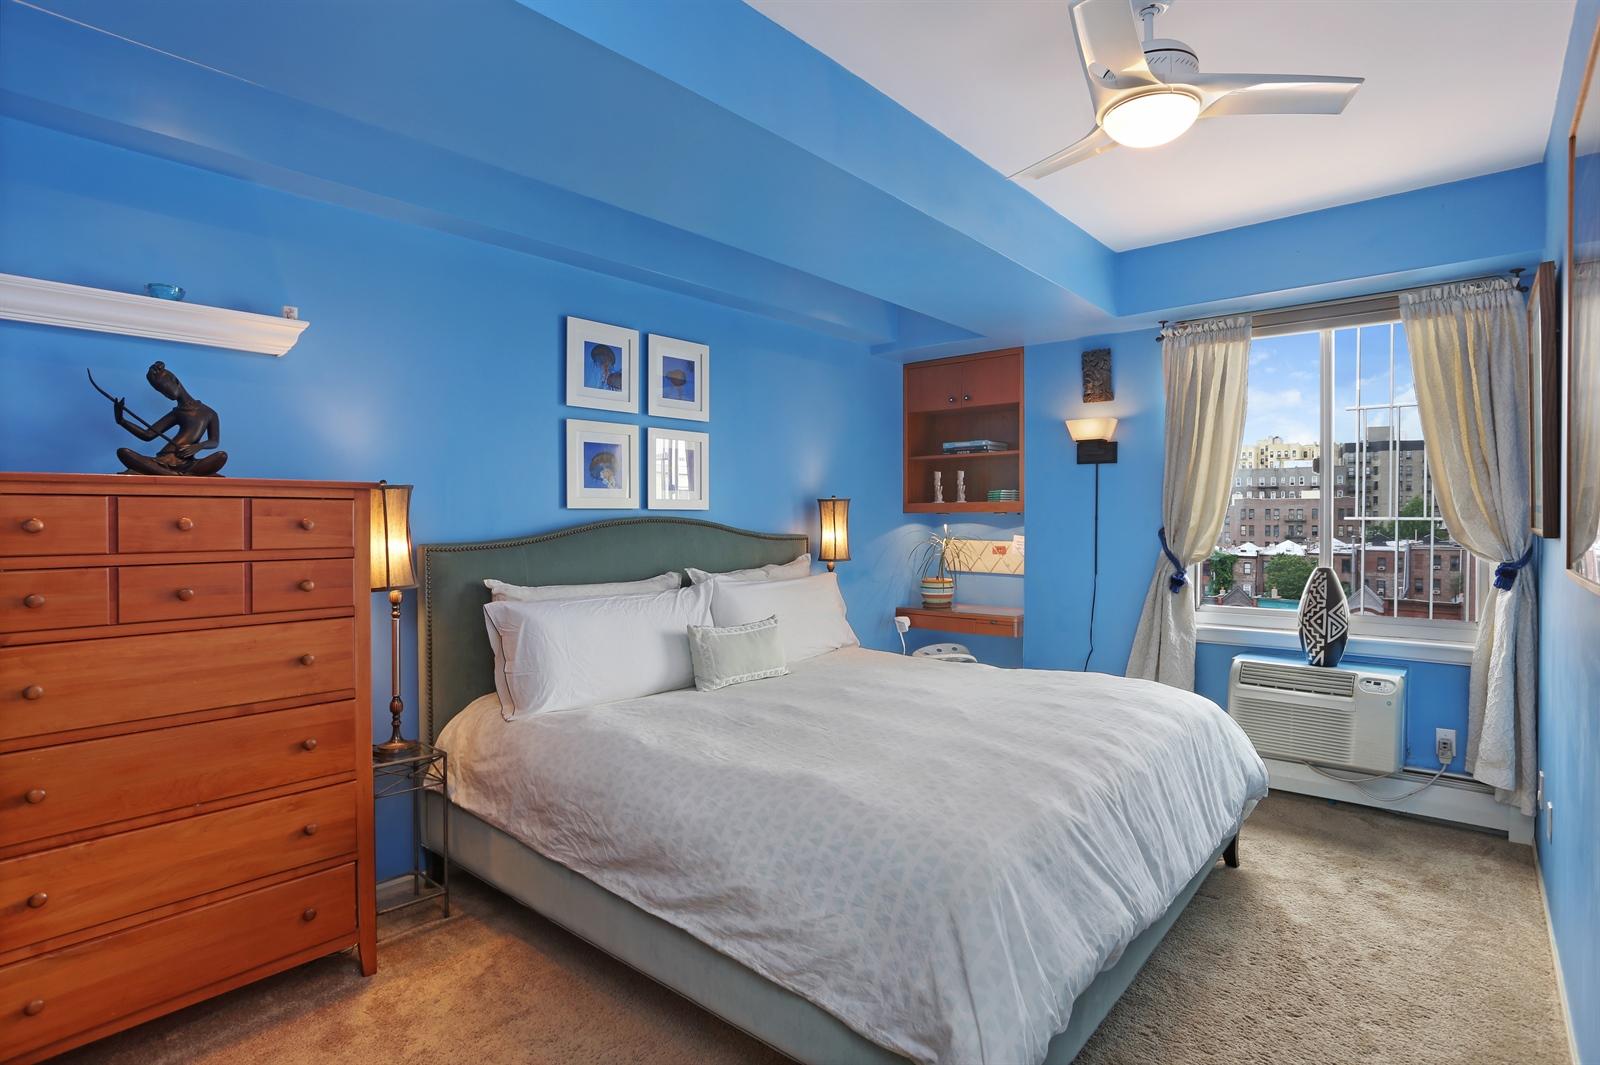 Corcoran, 300 West 145th Street, Apt. 7N, Harlem Real Estate ...